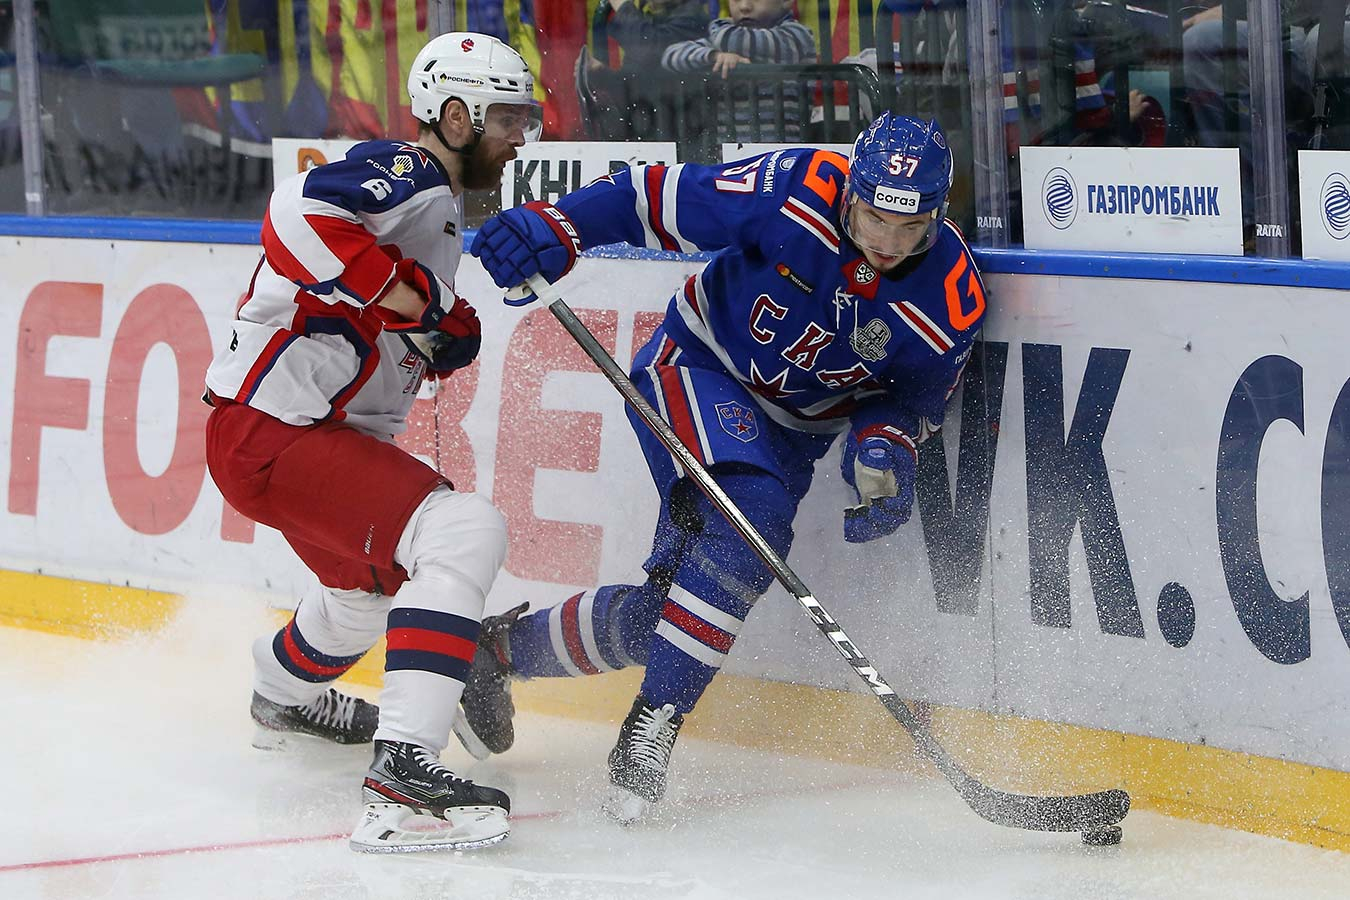 ЦСКА обыграл СКА в третьем матче. Московские армейцы ведут в серии — 3-0